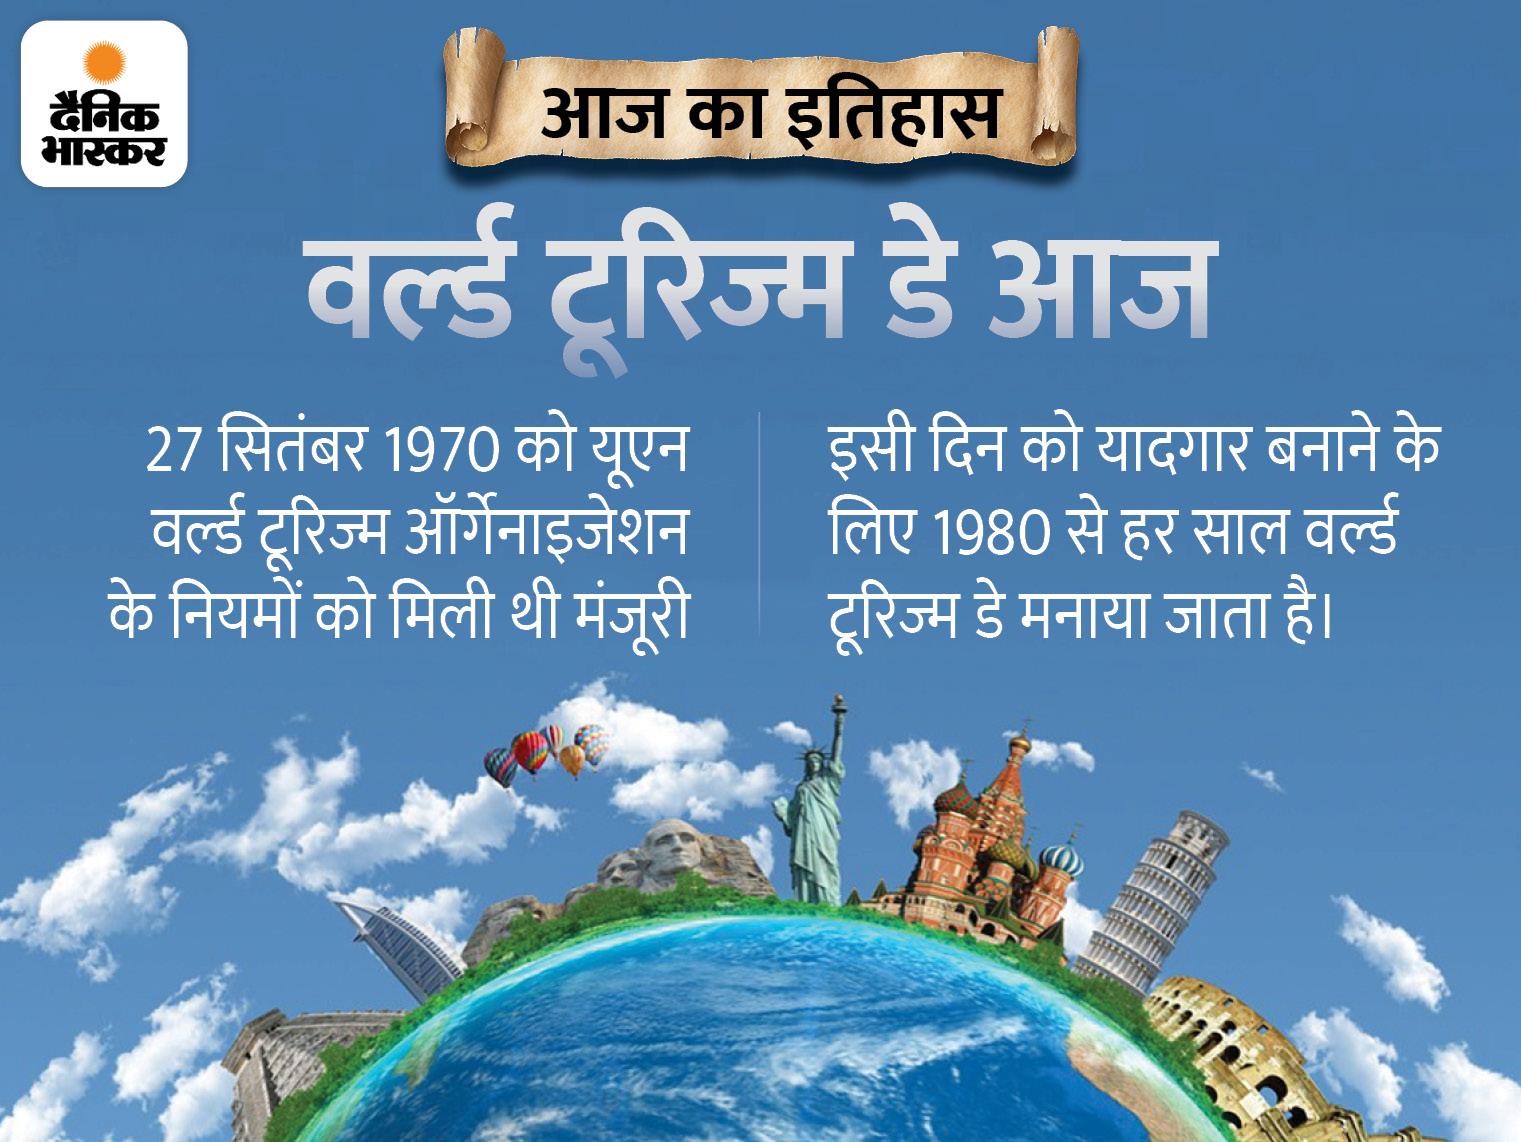 वर्ल्ड टूरिज्म डे आज, 41 साल पहले हुई थी शुरुआत; कोरोना ने इस सेक्टर के करीब 12 करोड़ लोगों के रोजगार पर असर डाला देश,National - Dainik Bhaskar